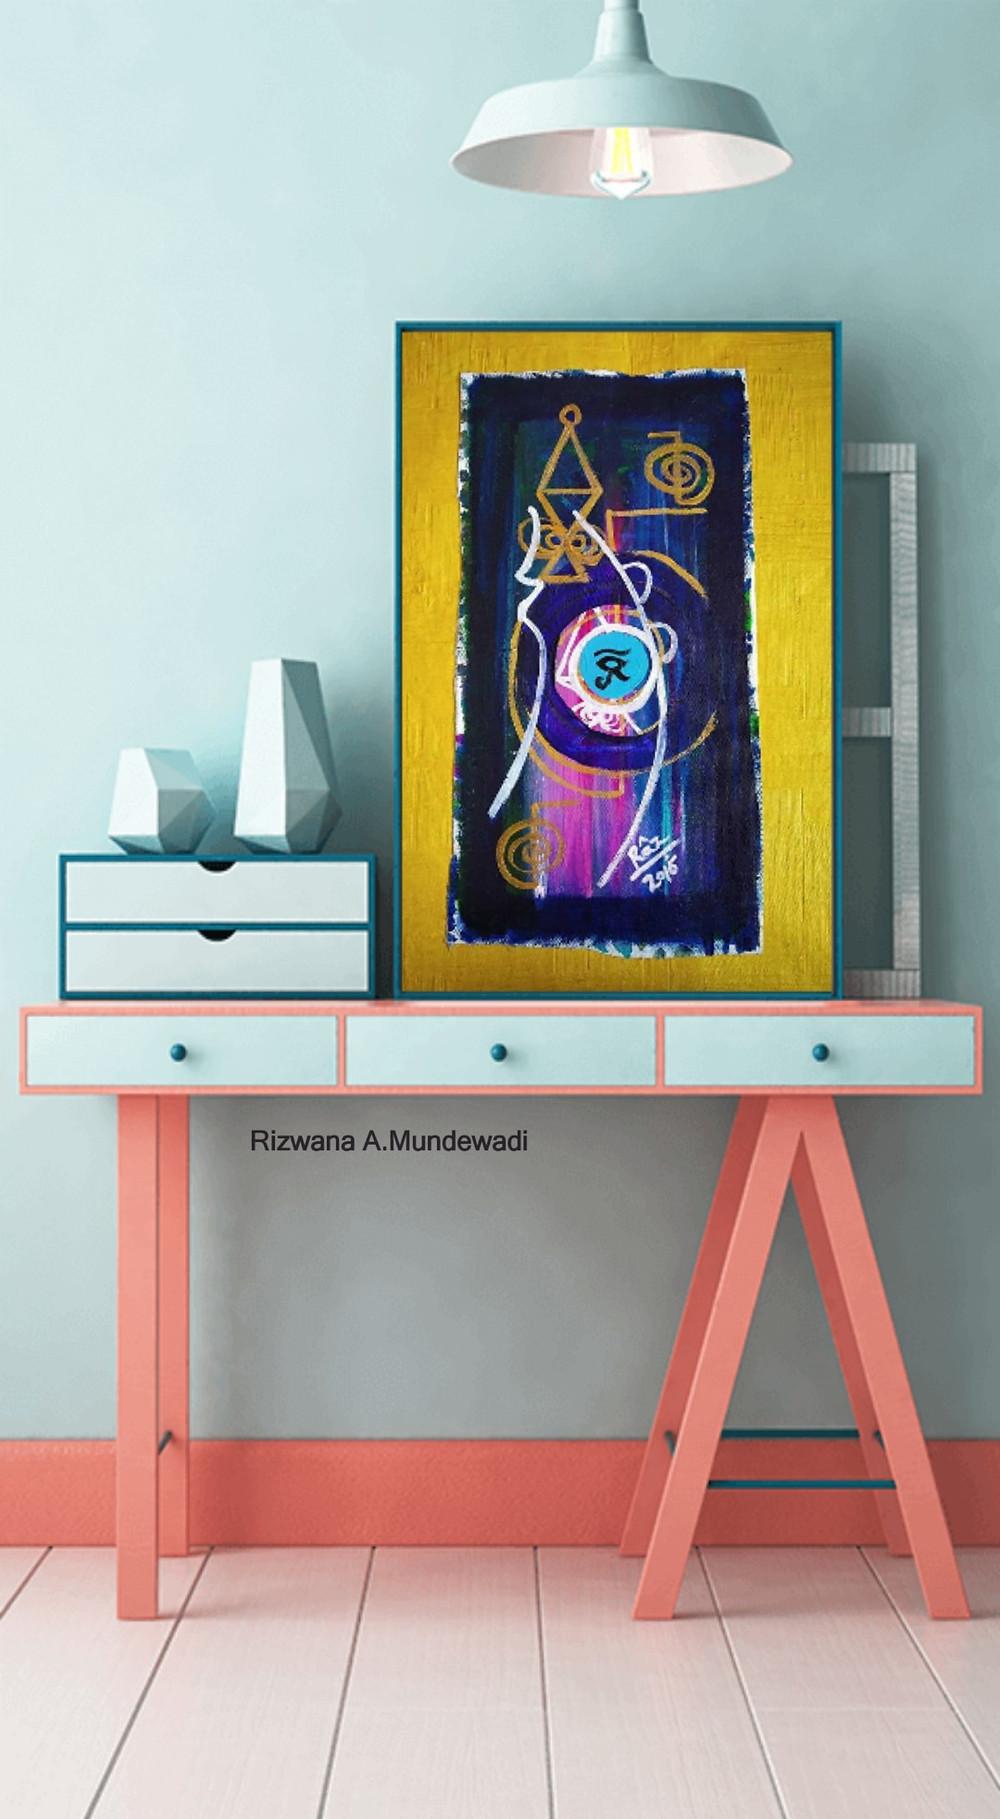 Ra!Reiki protection Eye symbol painting displayed as Table art